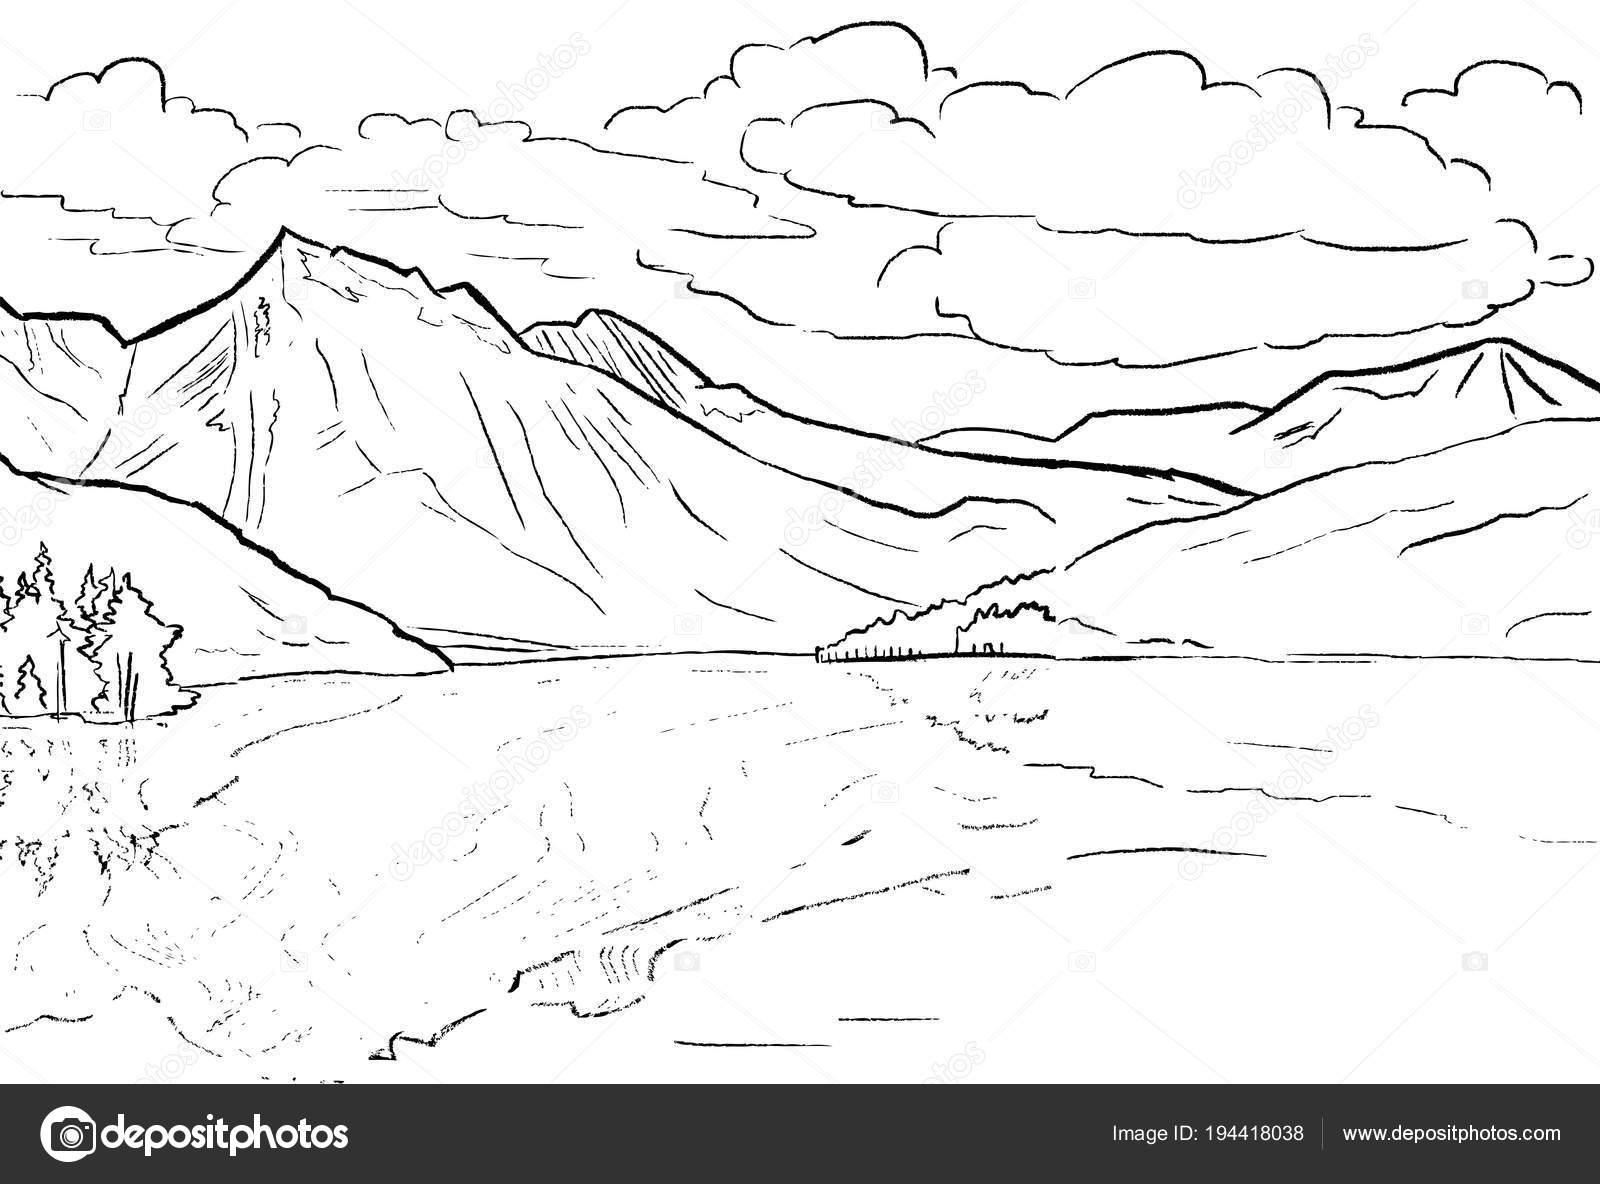 Gratis Kleurplaten Natuur.Kleurplaat Pagina Lijnwerk Natuur Bergen En De Reflectie In De